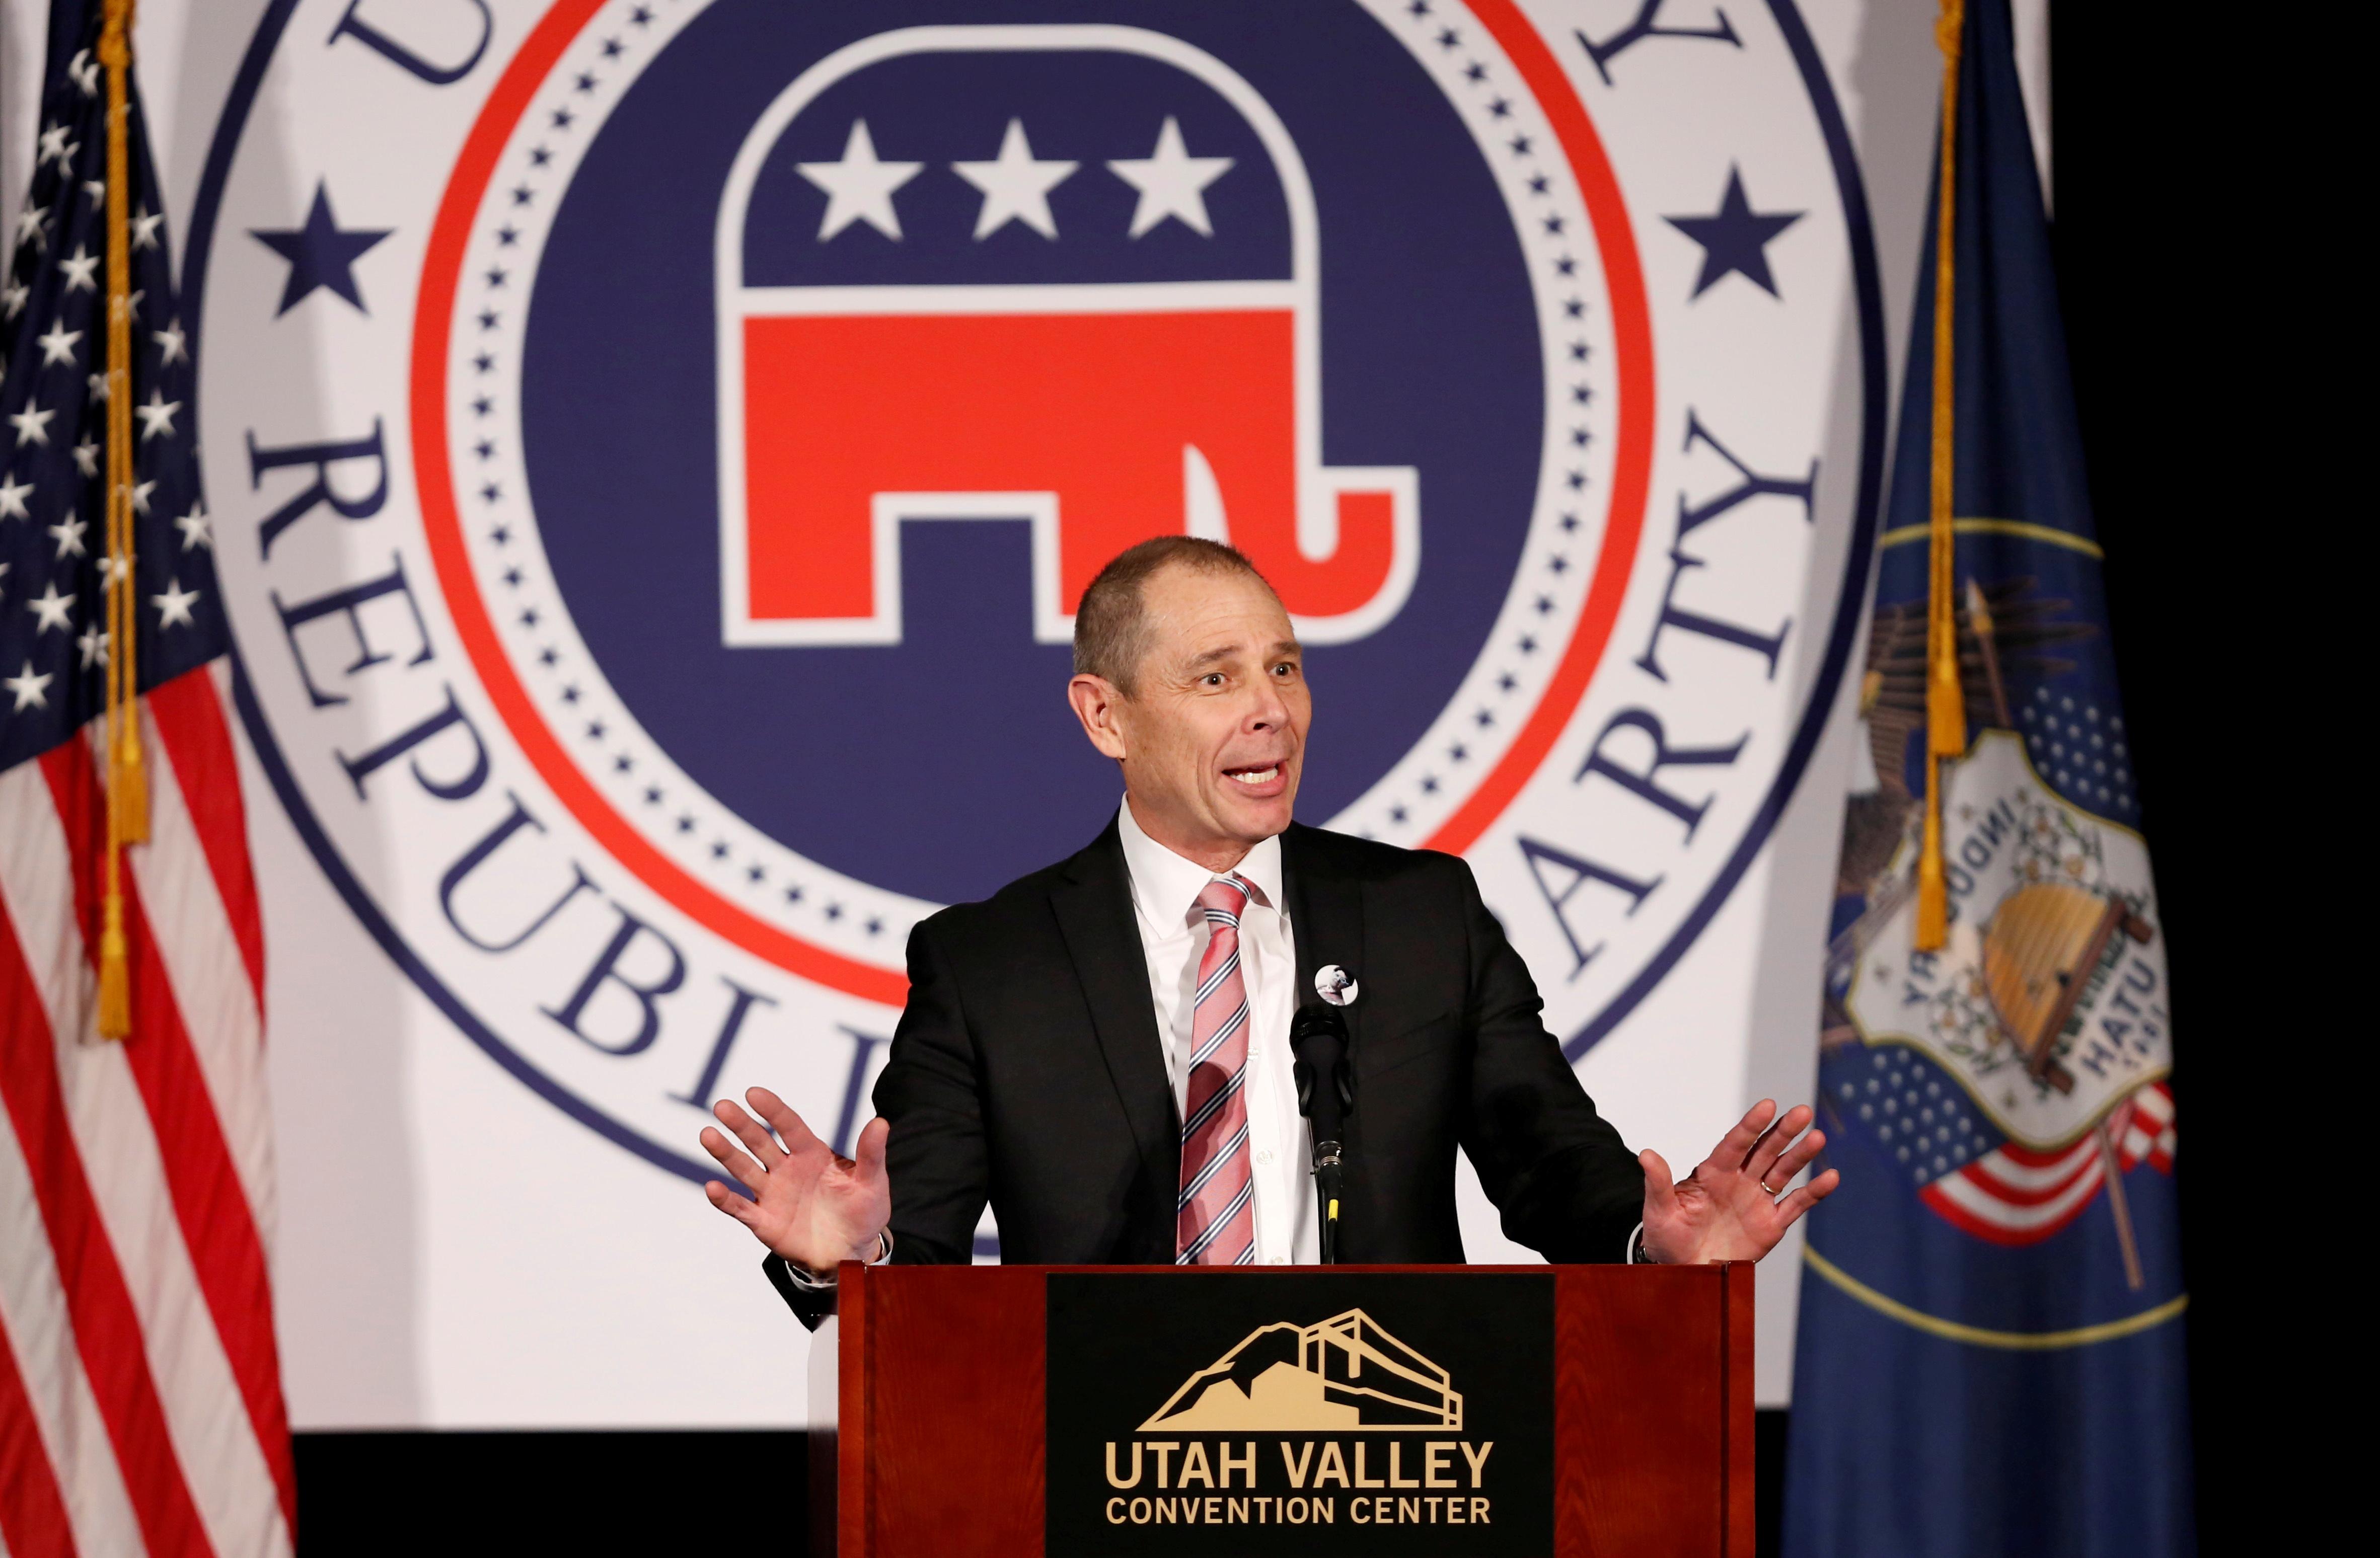 U.S. Representative John Curtis (R-UT) speaks at the Utah County Republican Party Lincoln Day Dinner, in Provo, Utah, U.S. February 16, 2018. REUTERS/Jim Urquhart/File Photo